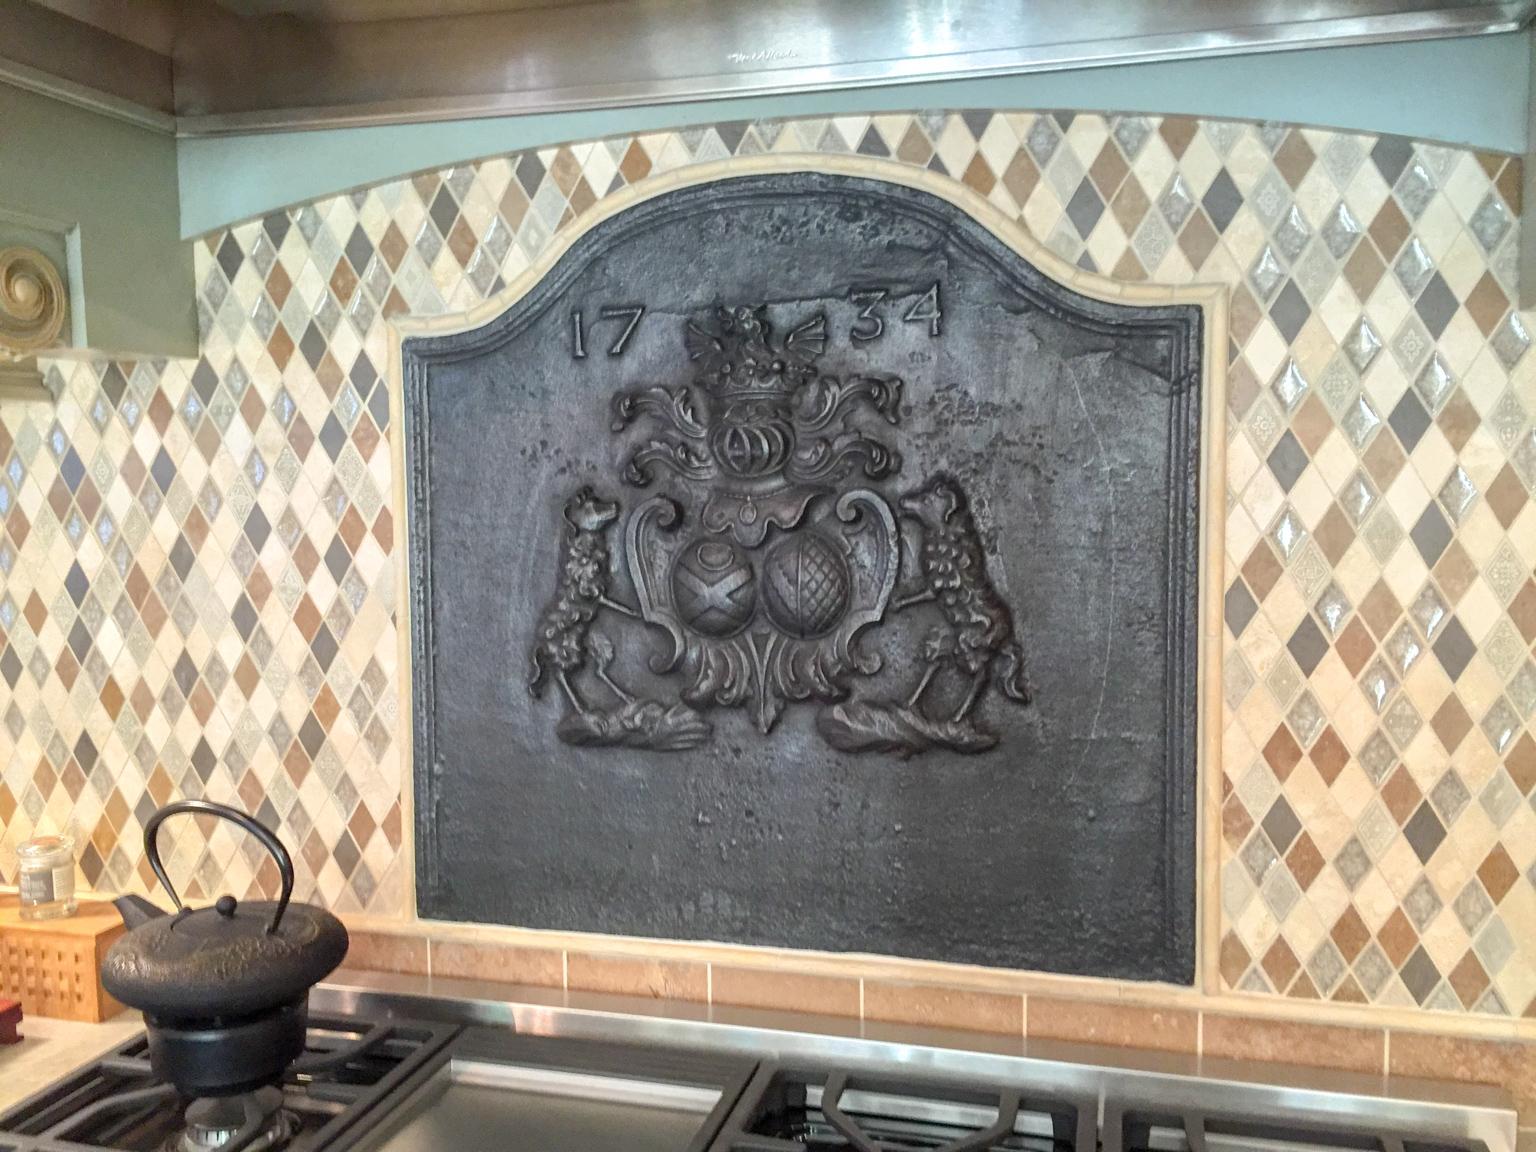 Austin, Texas: Plaque de cheminée comme dosseret délivré par https://www.plaque-de-cheminee.fr